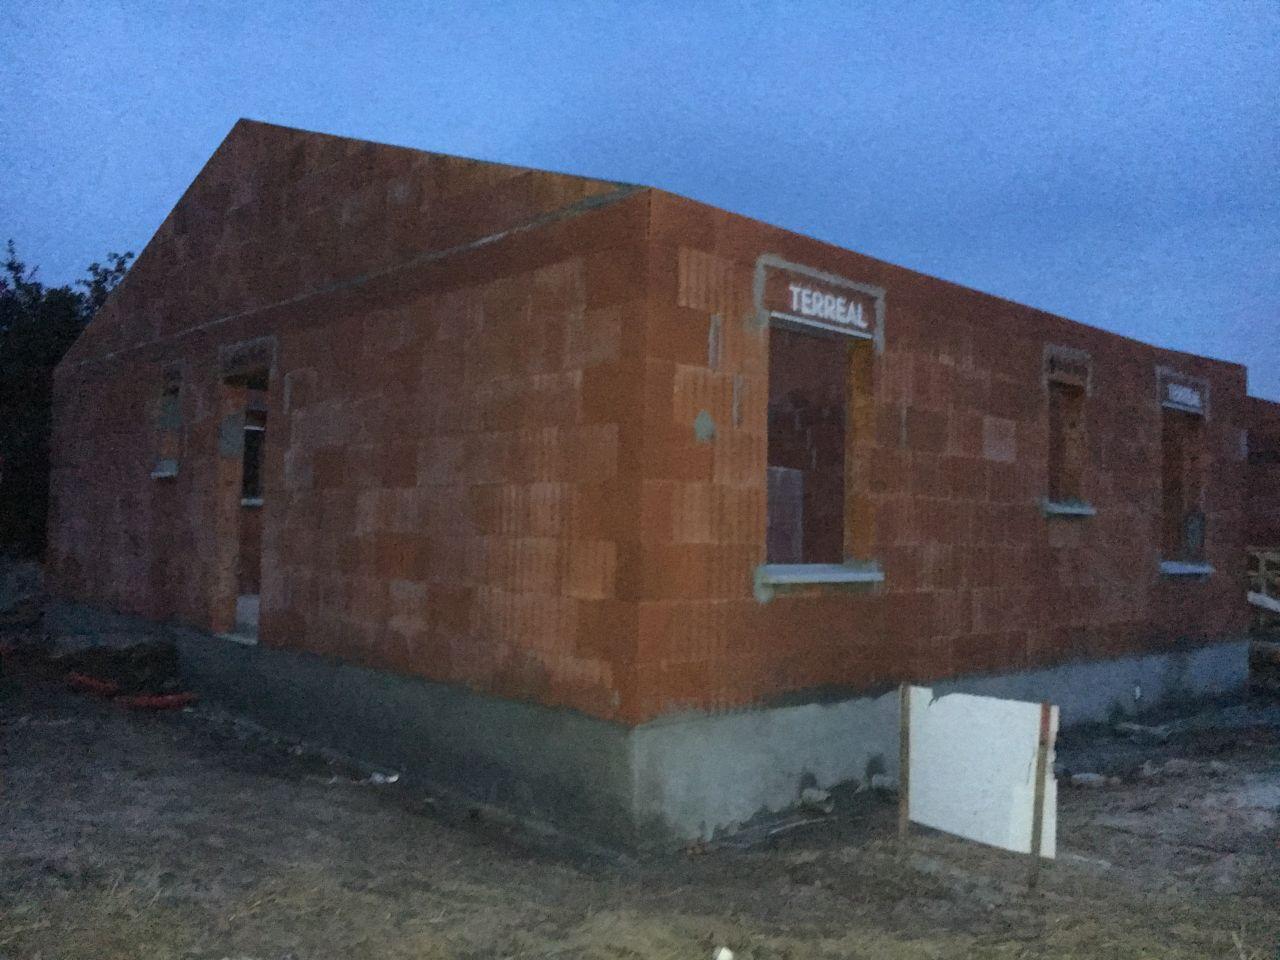 Avis Constructeur Couleur Villas notre première maison à la teste de buch, la teste de buch